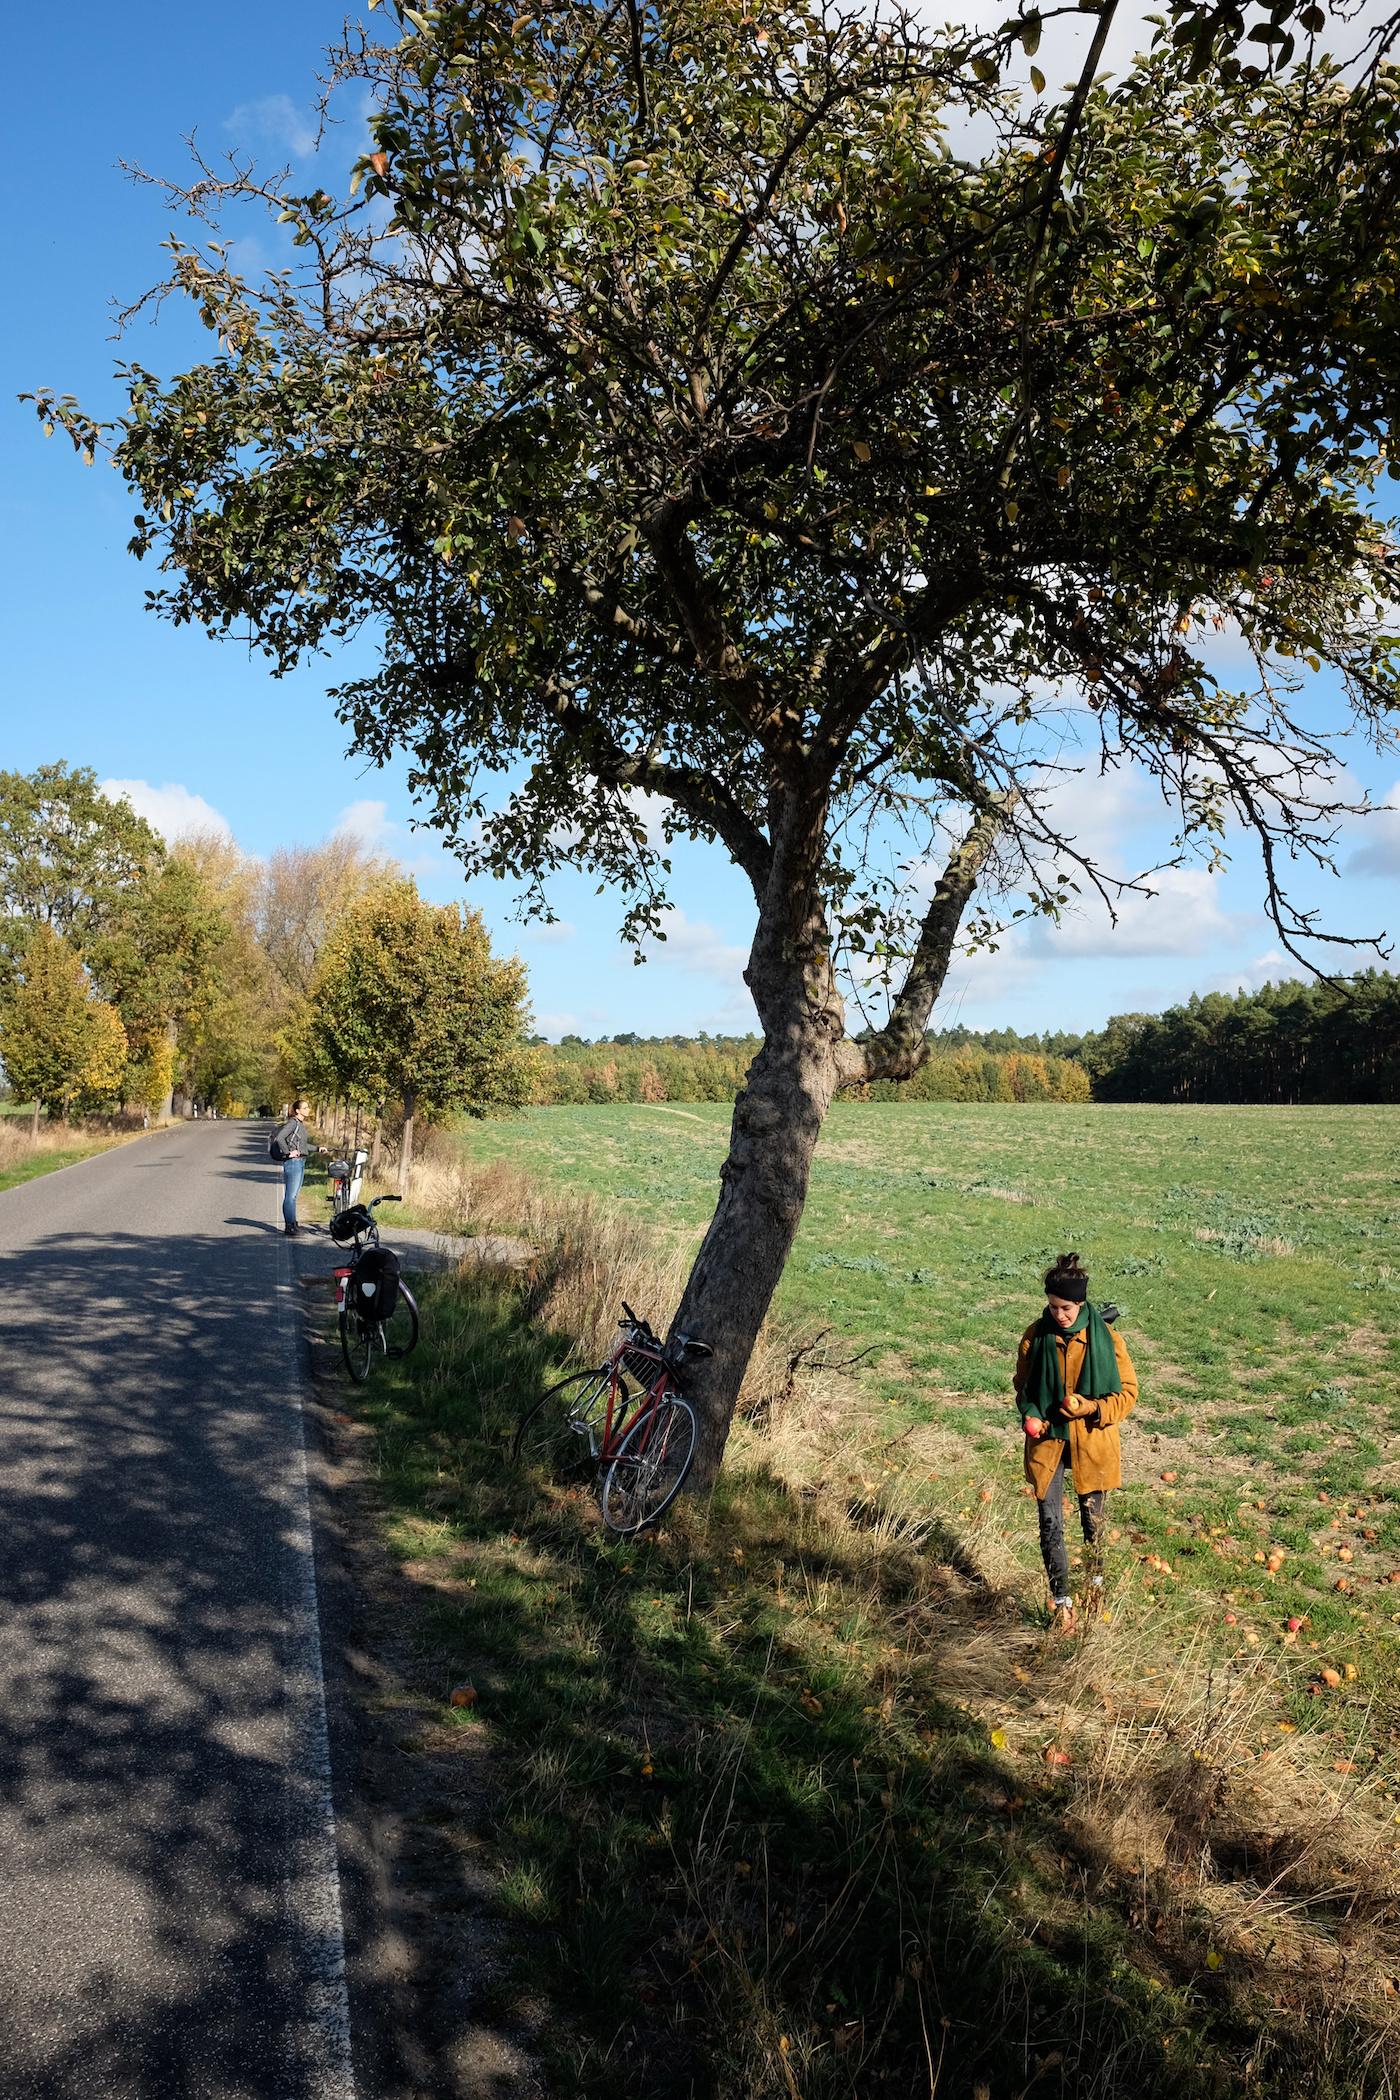 Beeskow__Sauen_wecyclebrandenburg18.JPG